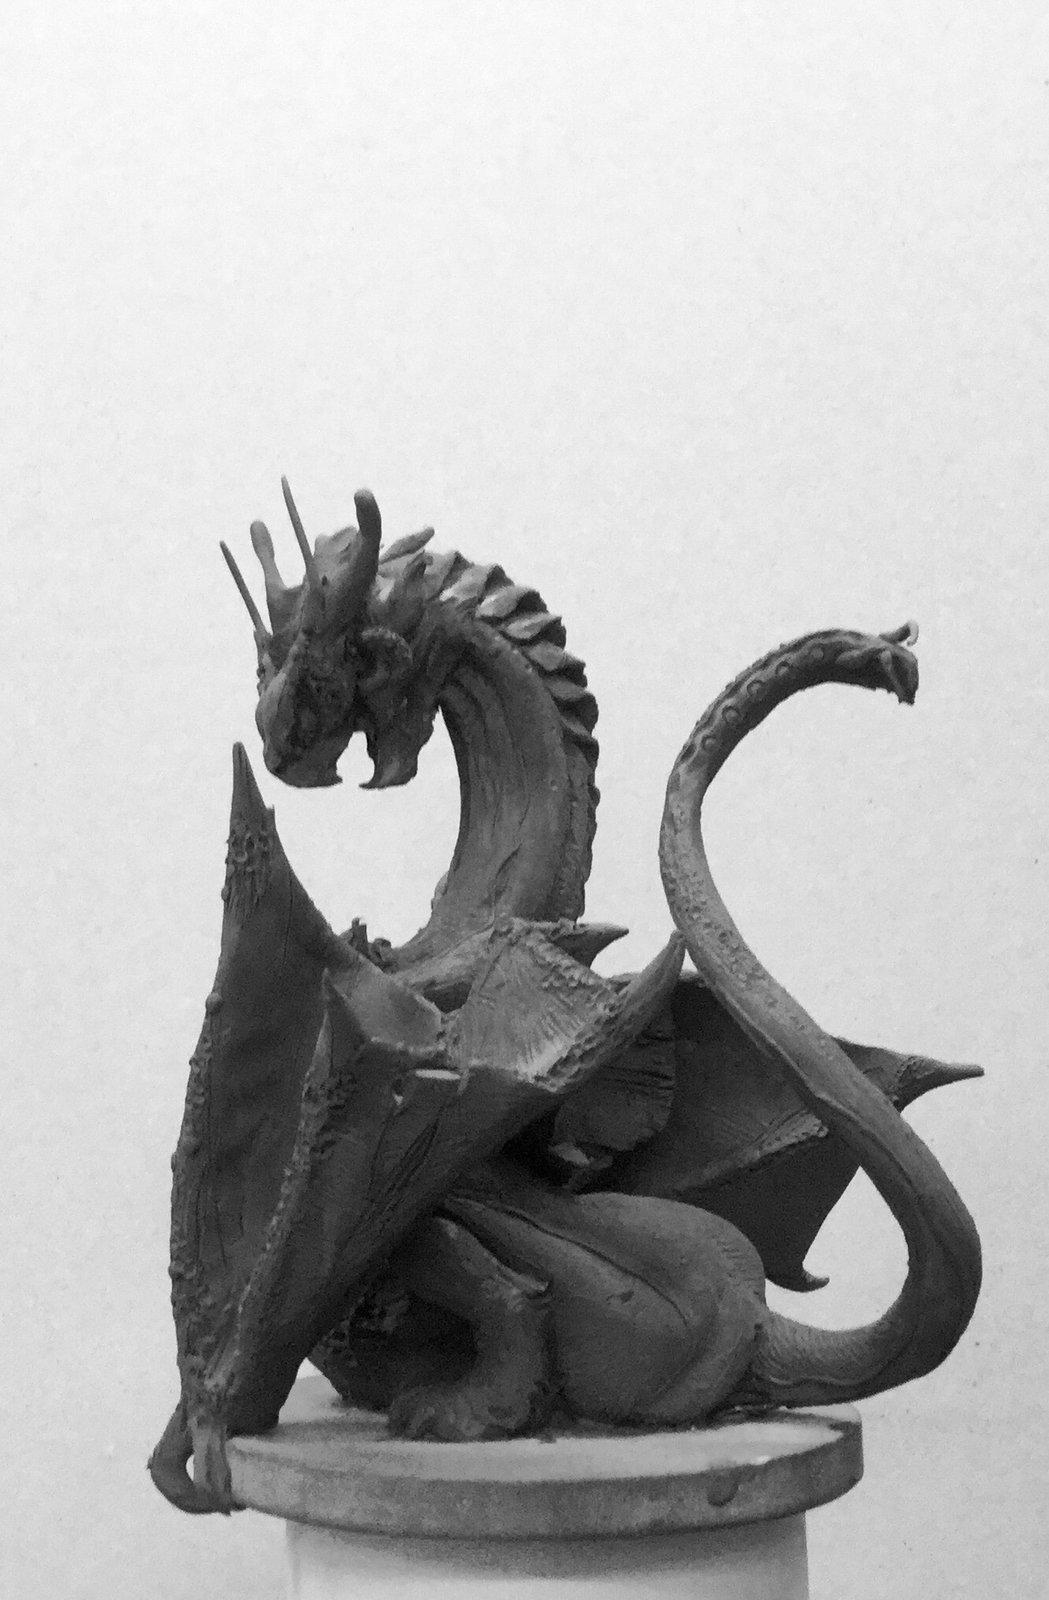 Dragon concept sketch.